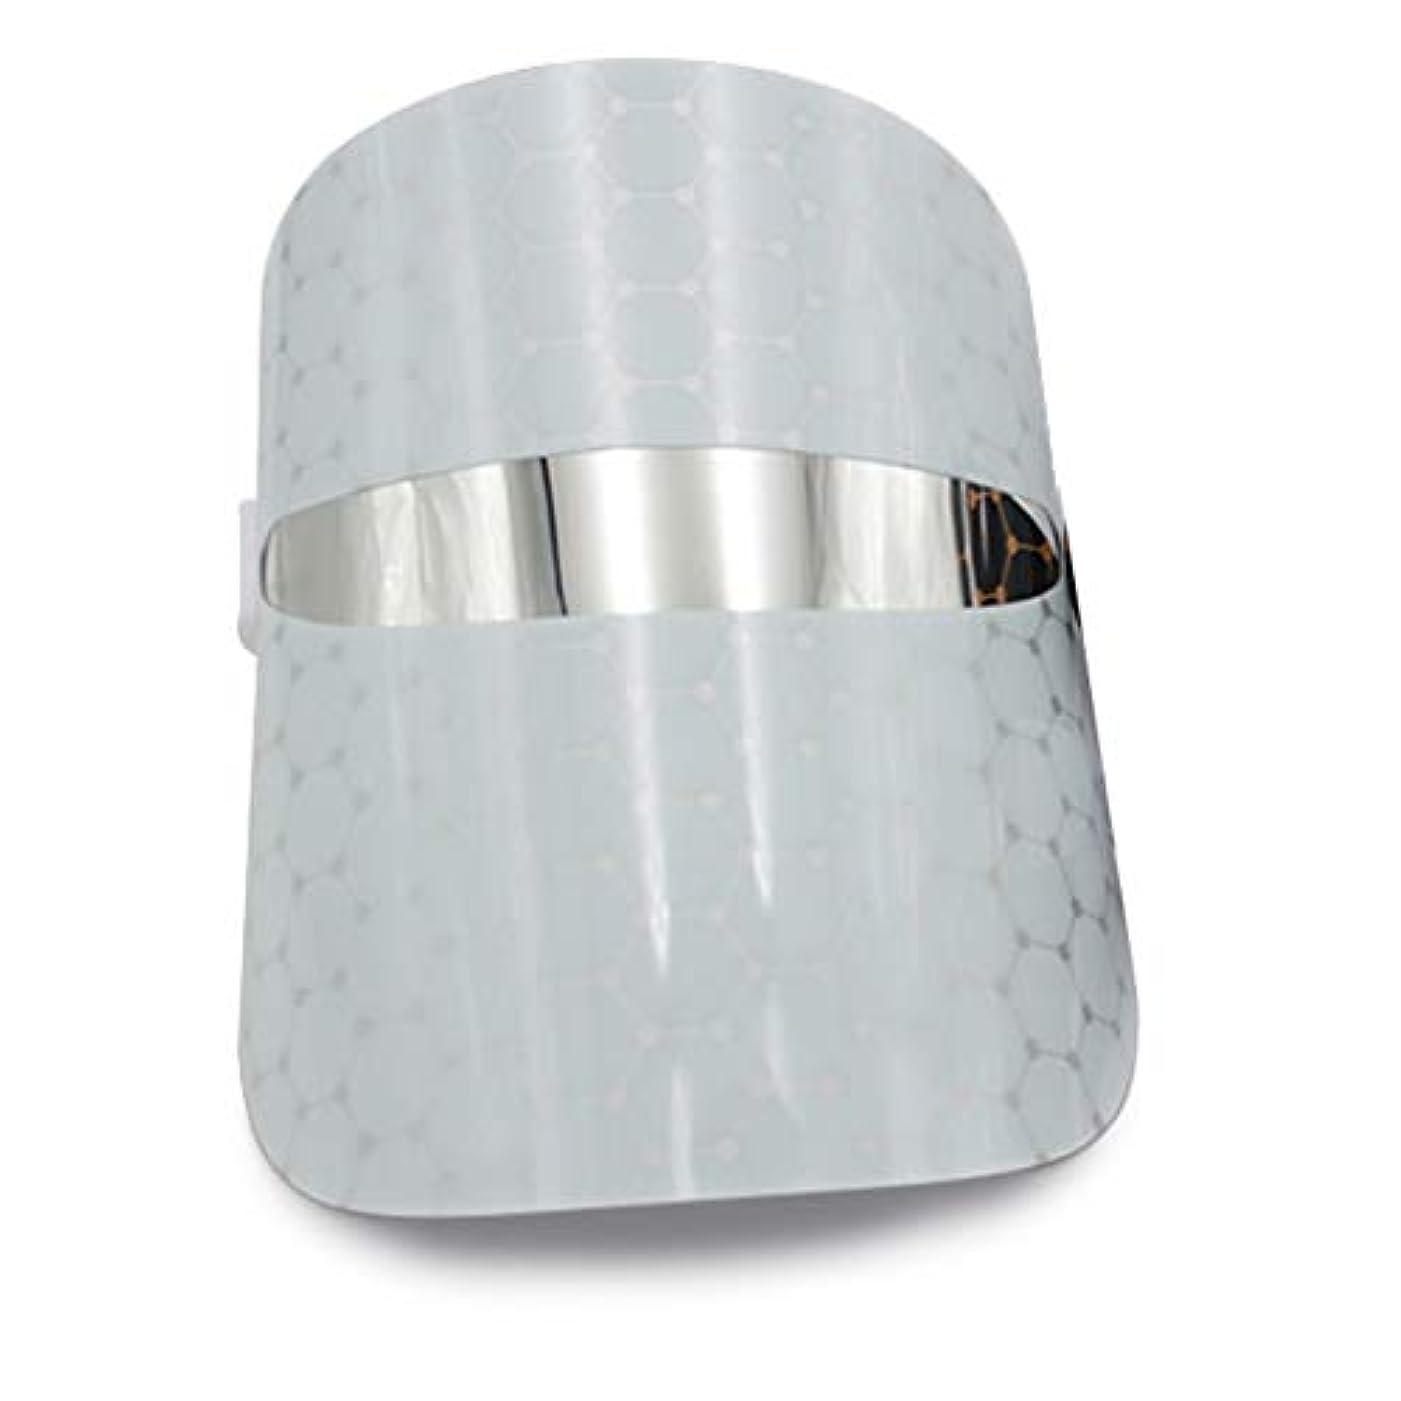 警告役職用心する光線療法のフェイスマスク、光線療法LEDマスクフェイシャルセラピー肌の若返りにきびの老化防止フェイシャルスキンケアマスクアンチエイジングホワイトニングしわそばかす除去